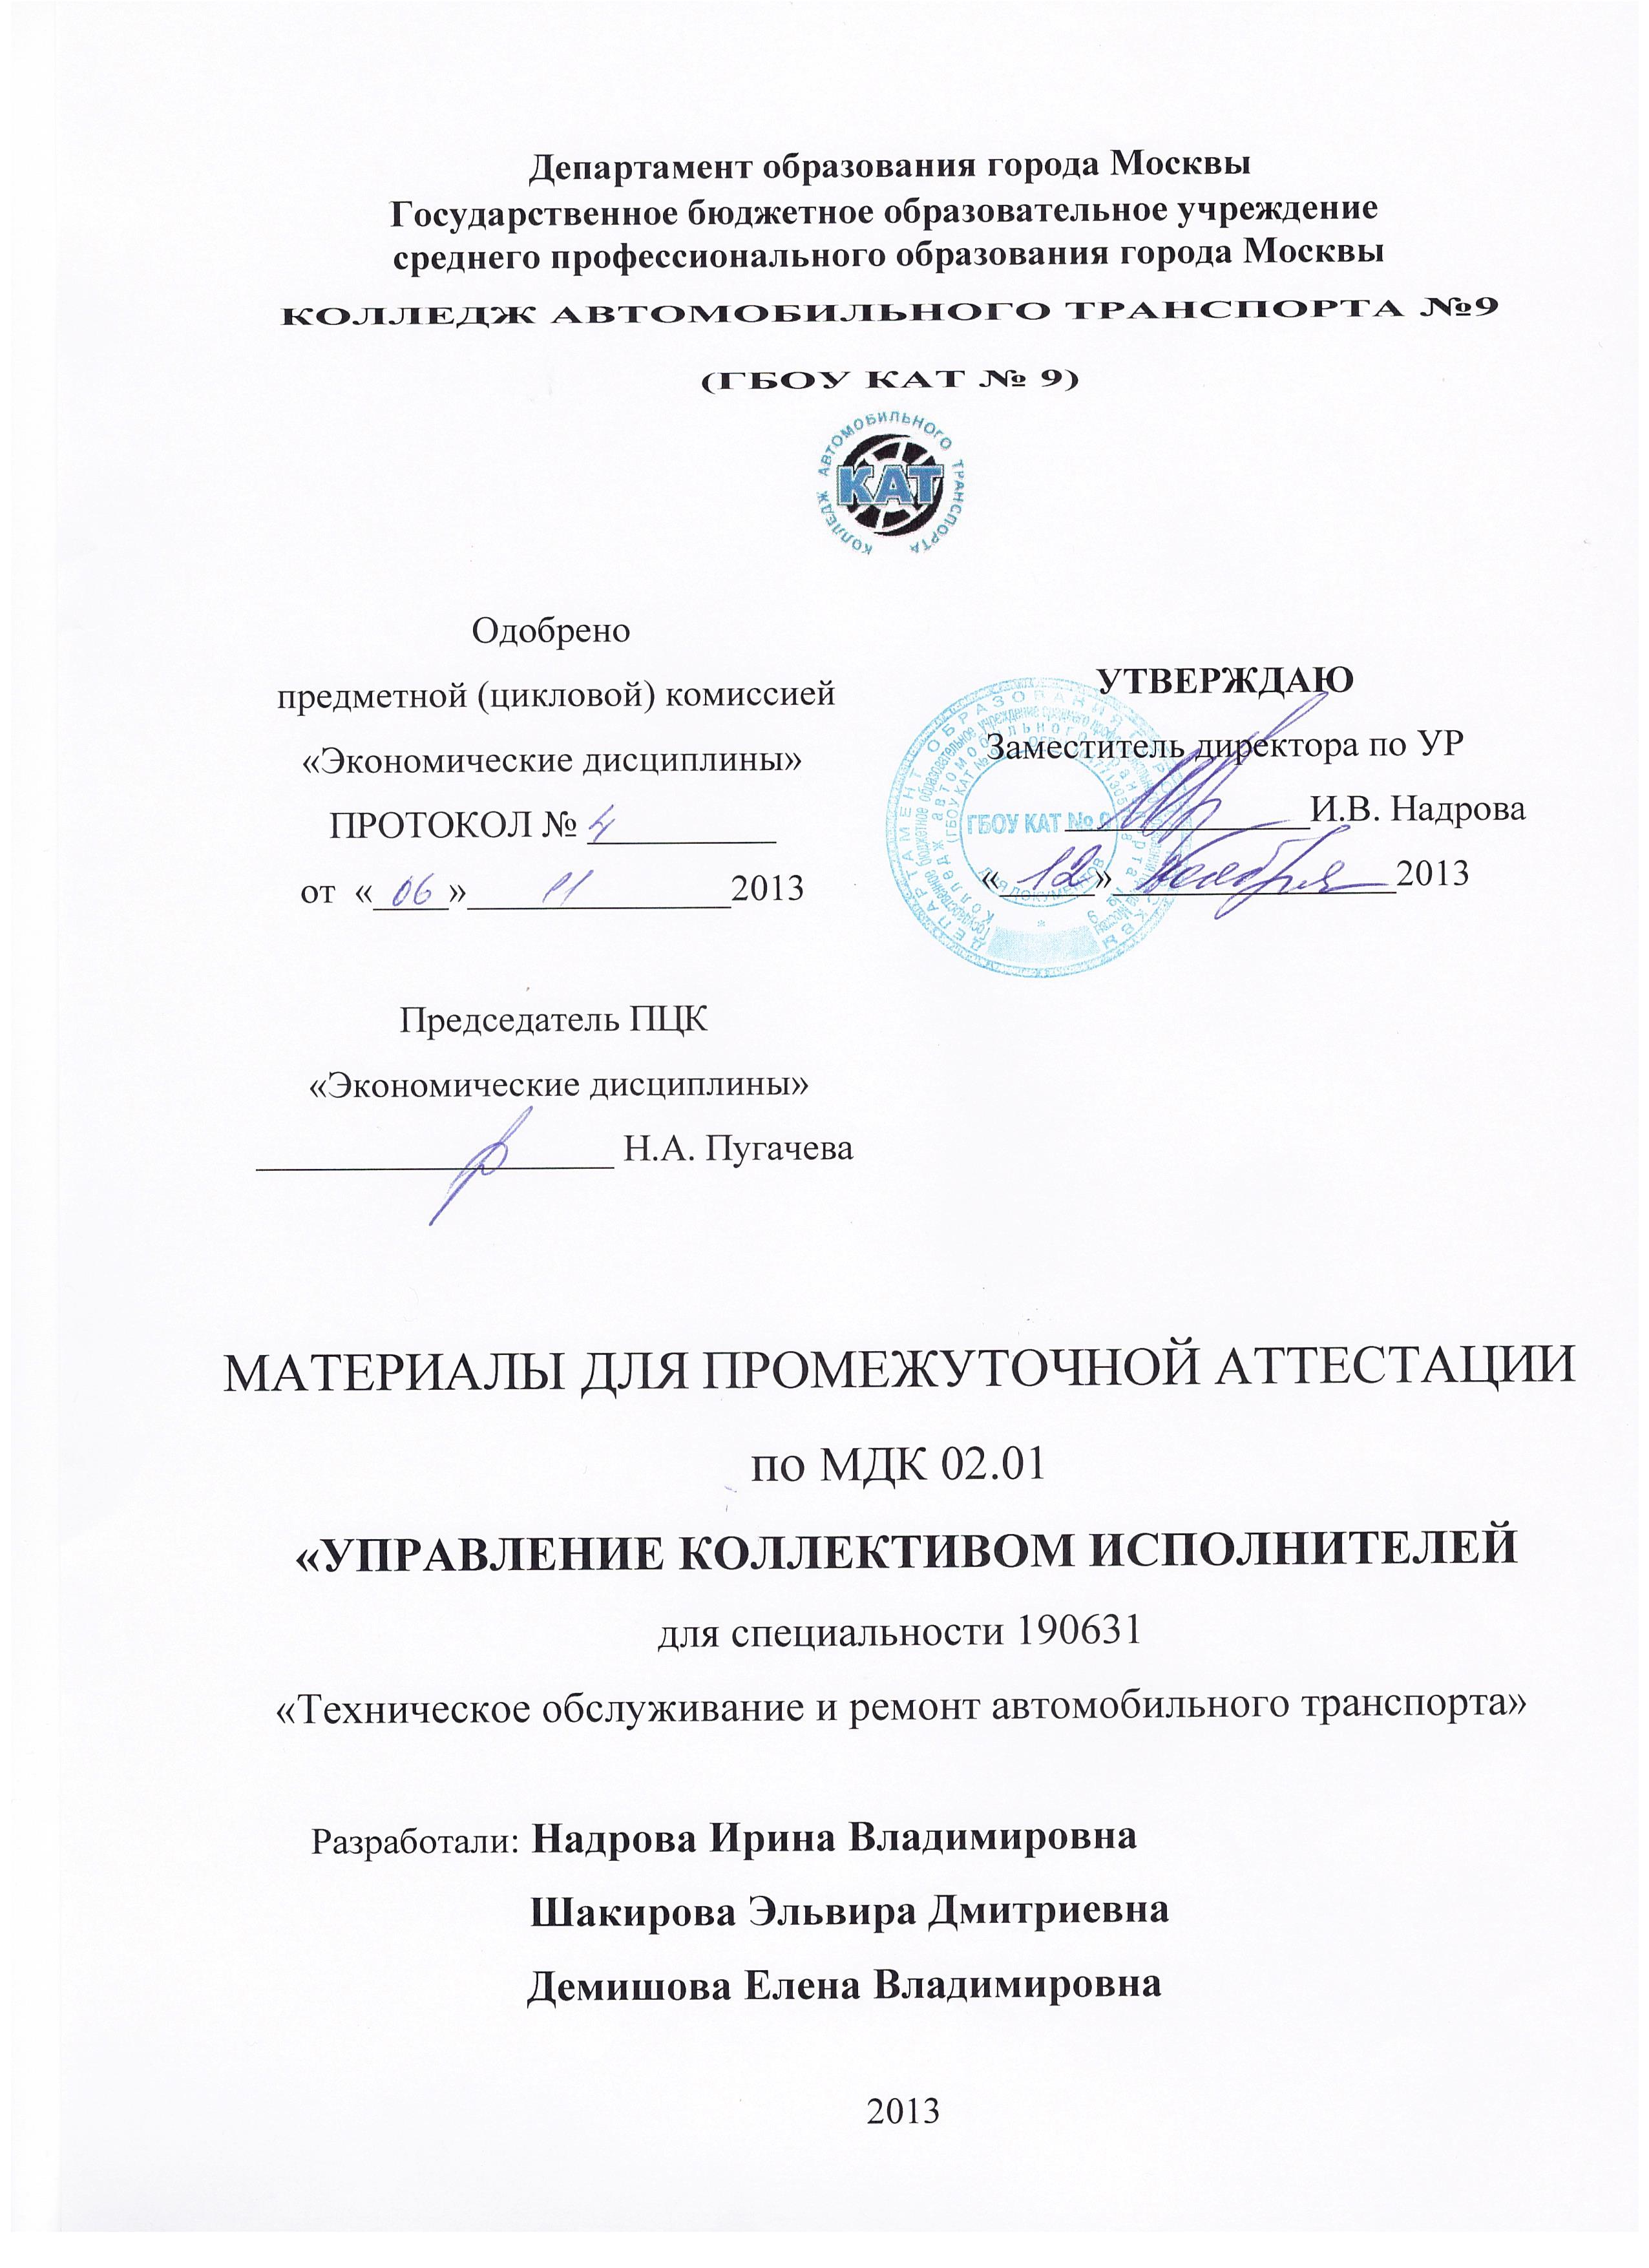 C:\Users\Настя_2\Pictures\Надрова\Новая папка (2)\Новая папка (3)\004.jpg